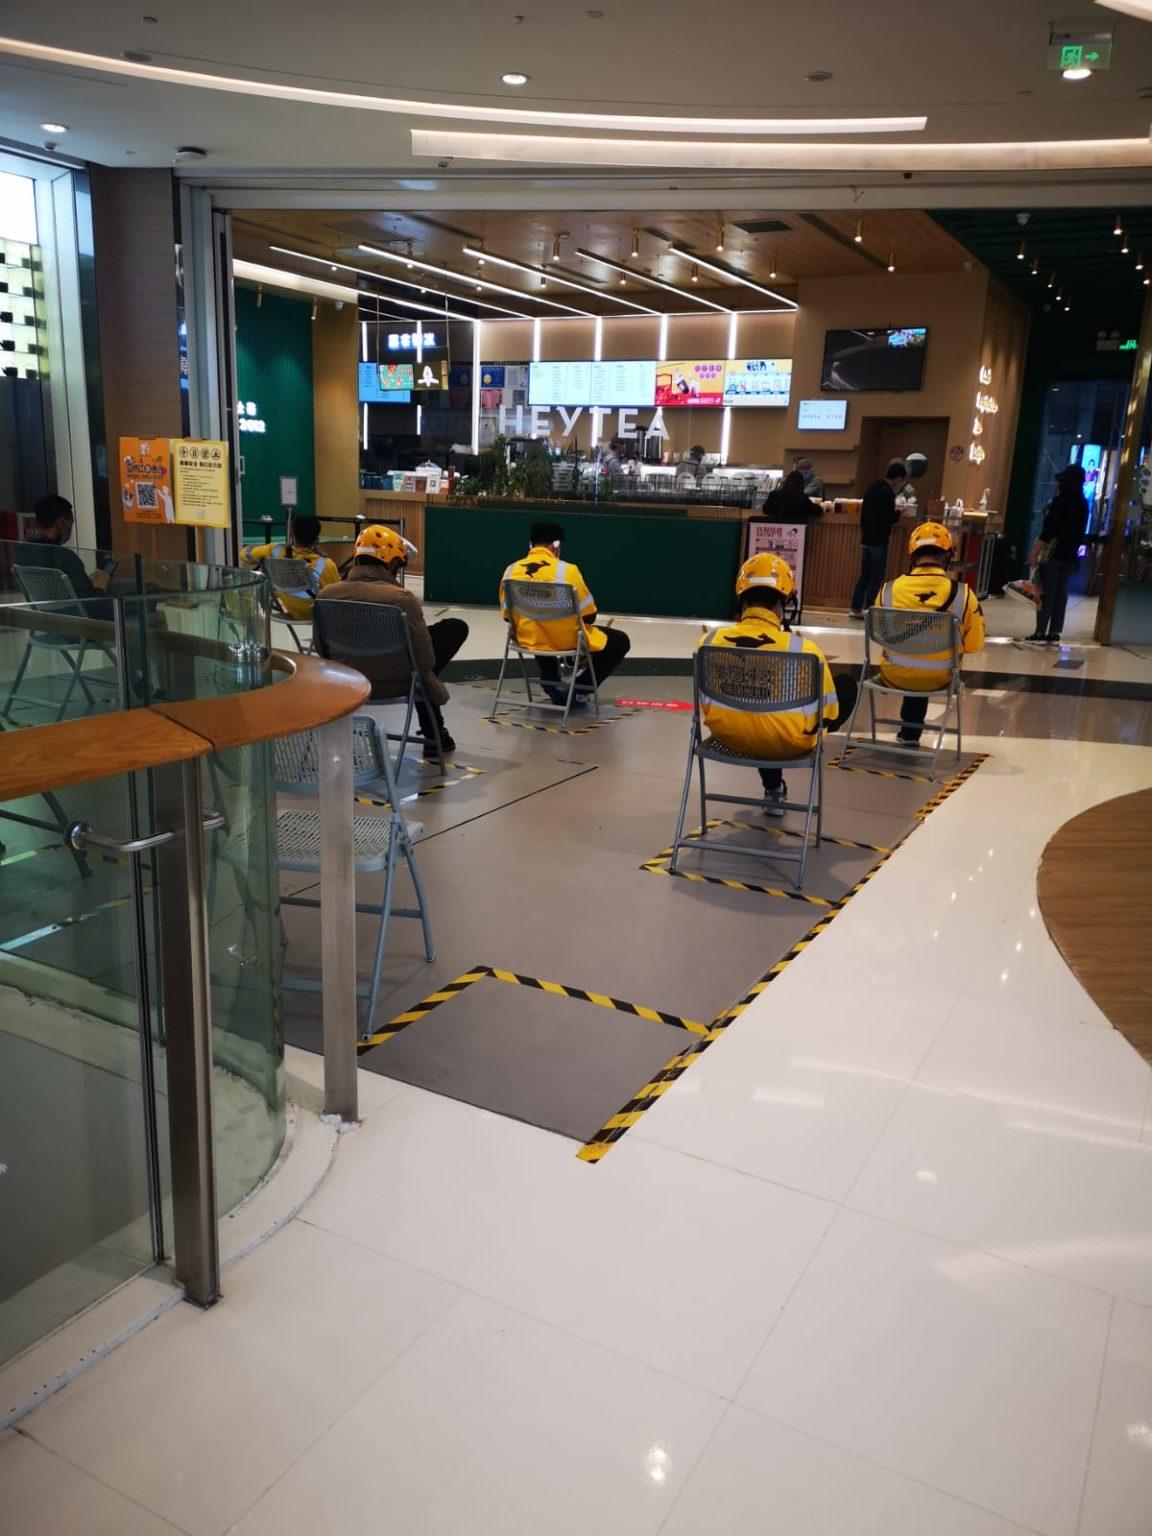 Giao thức giãn cách xã hội được quan sát thấy trong một quán cà phê mới mở lại gần đây; hình ảnh: BuzzFeed